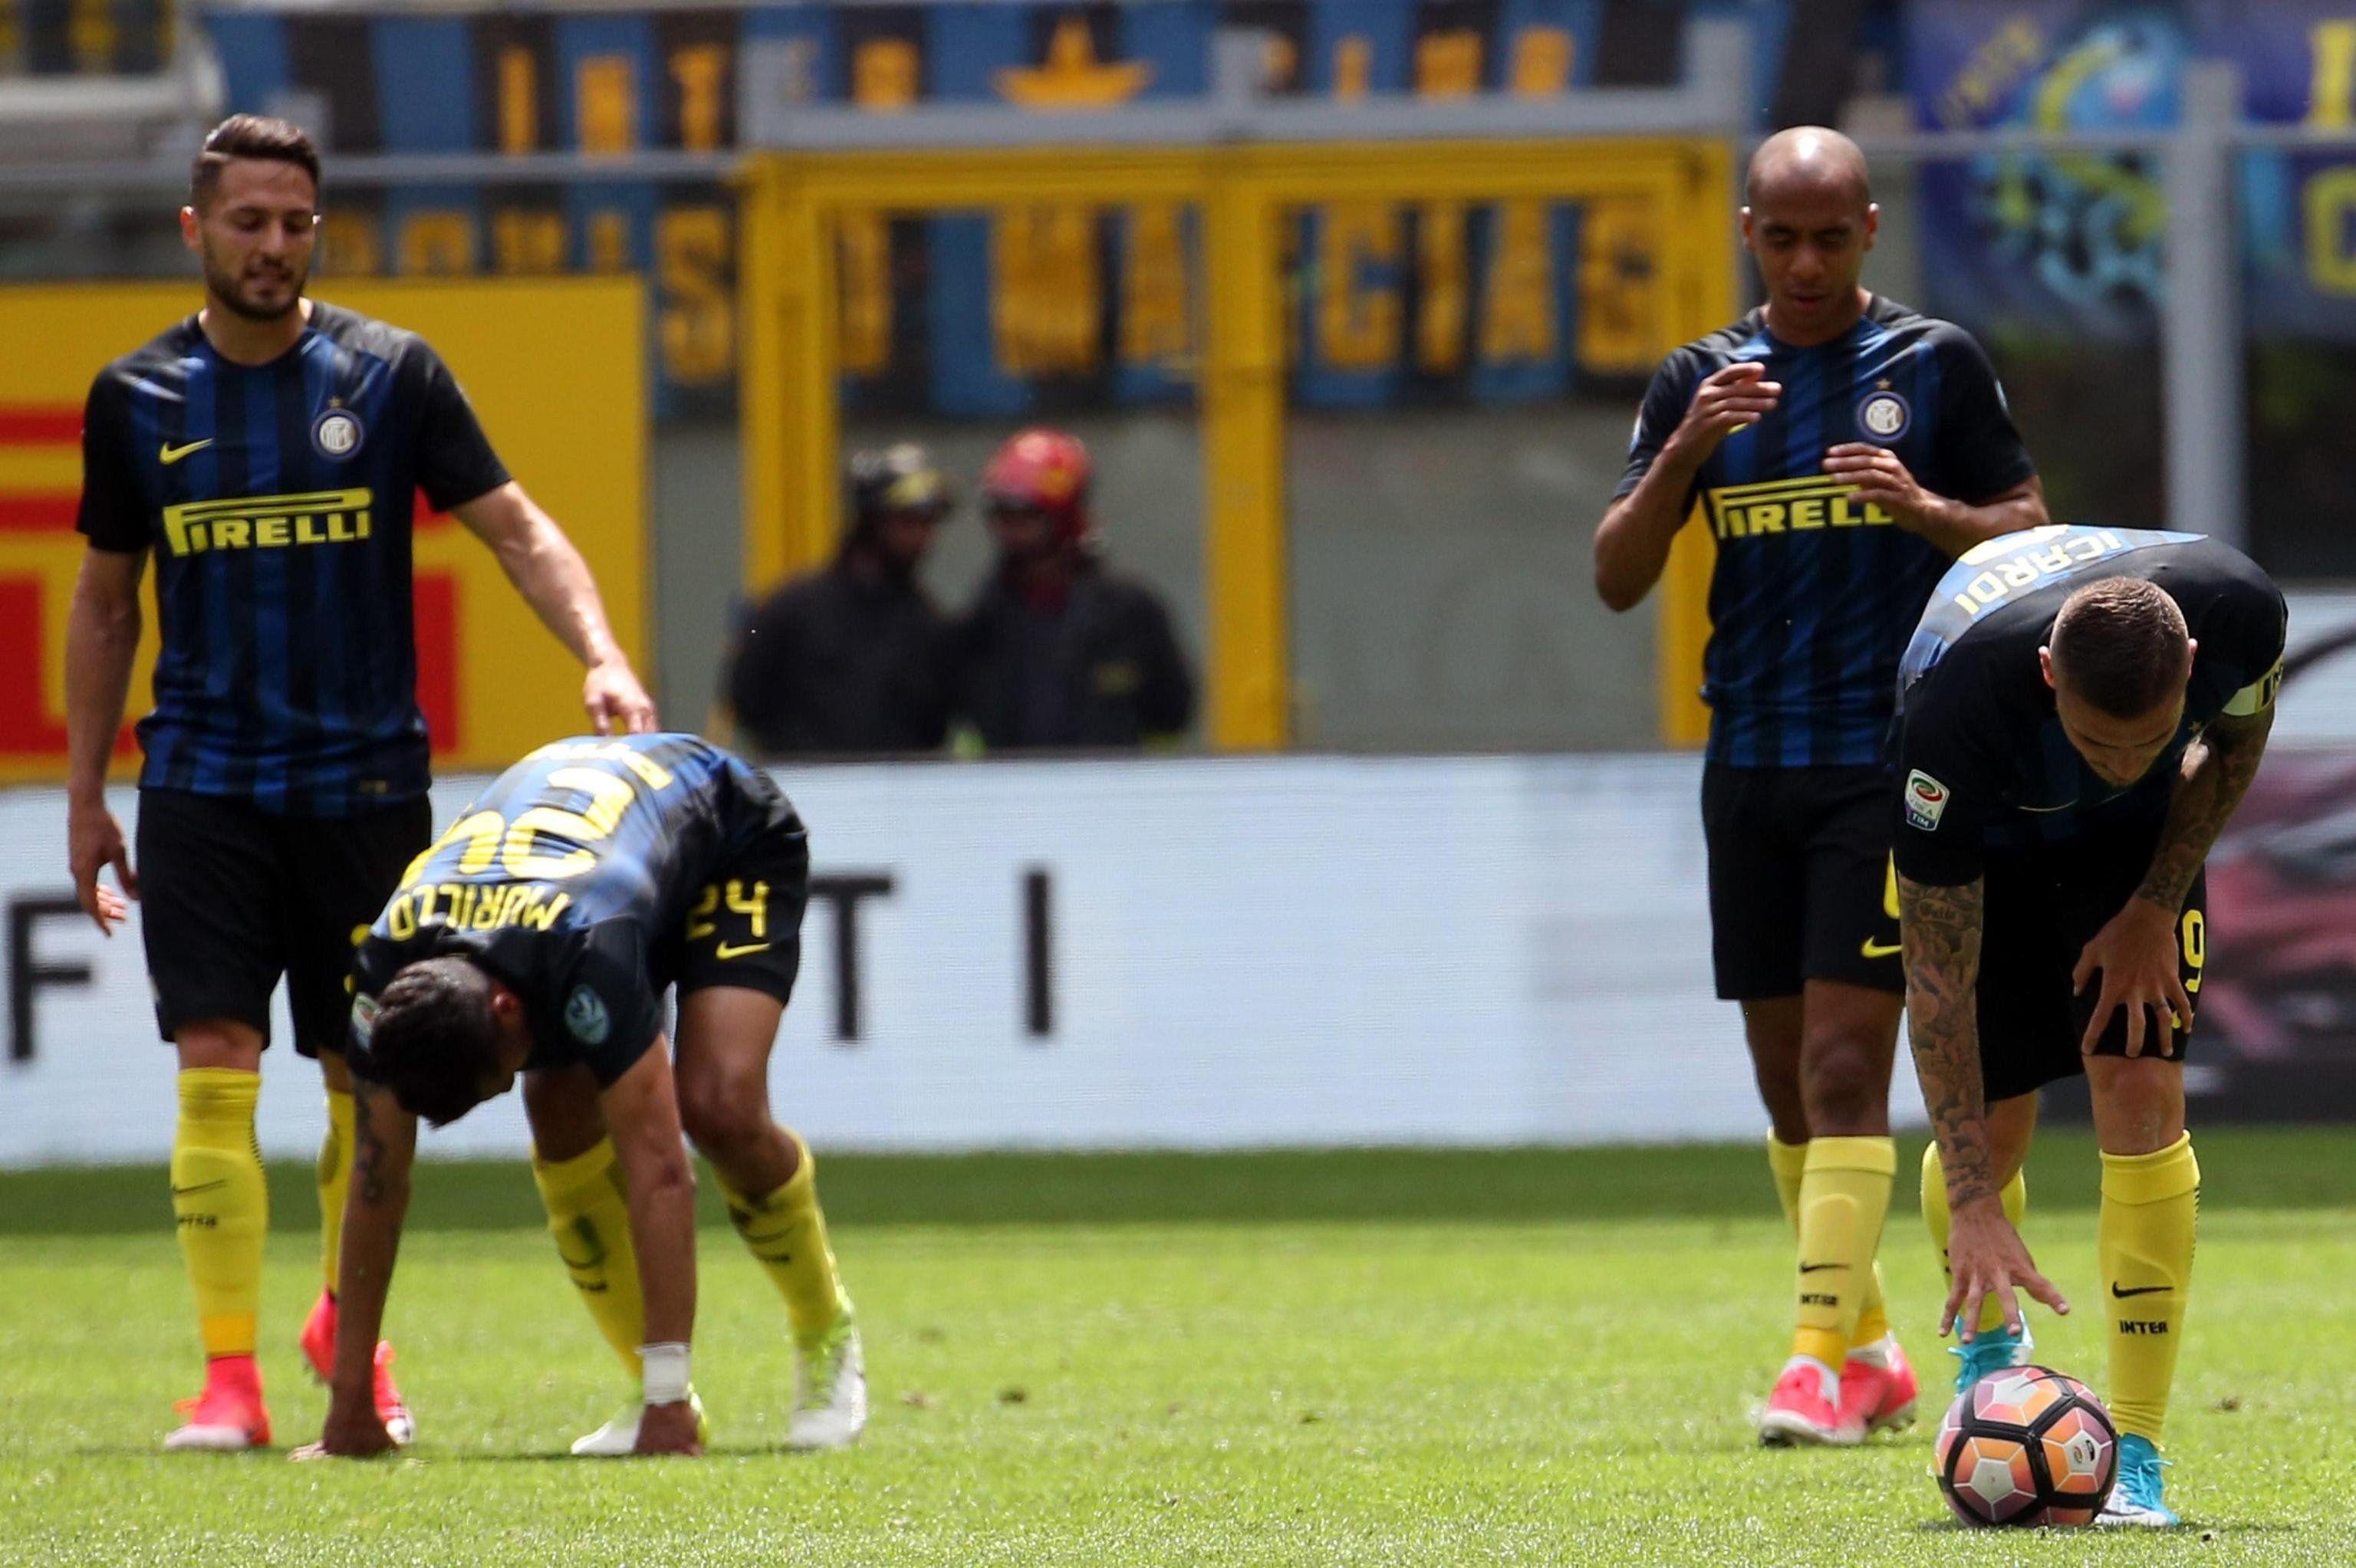 La decepción de los jugadores de Inter tras la caída ante Sassuolo